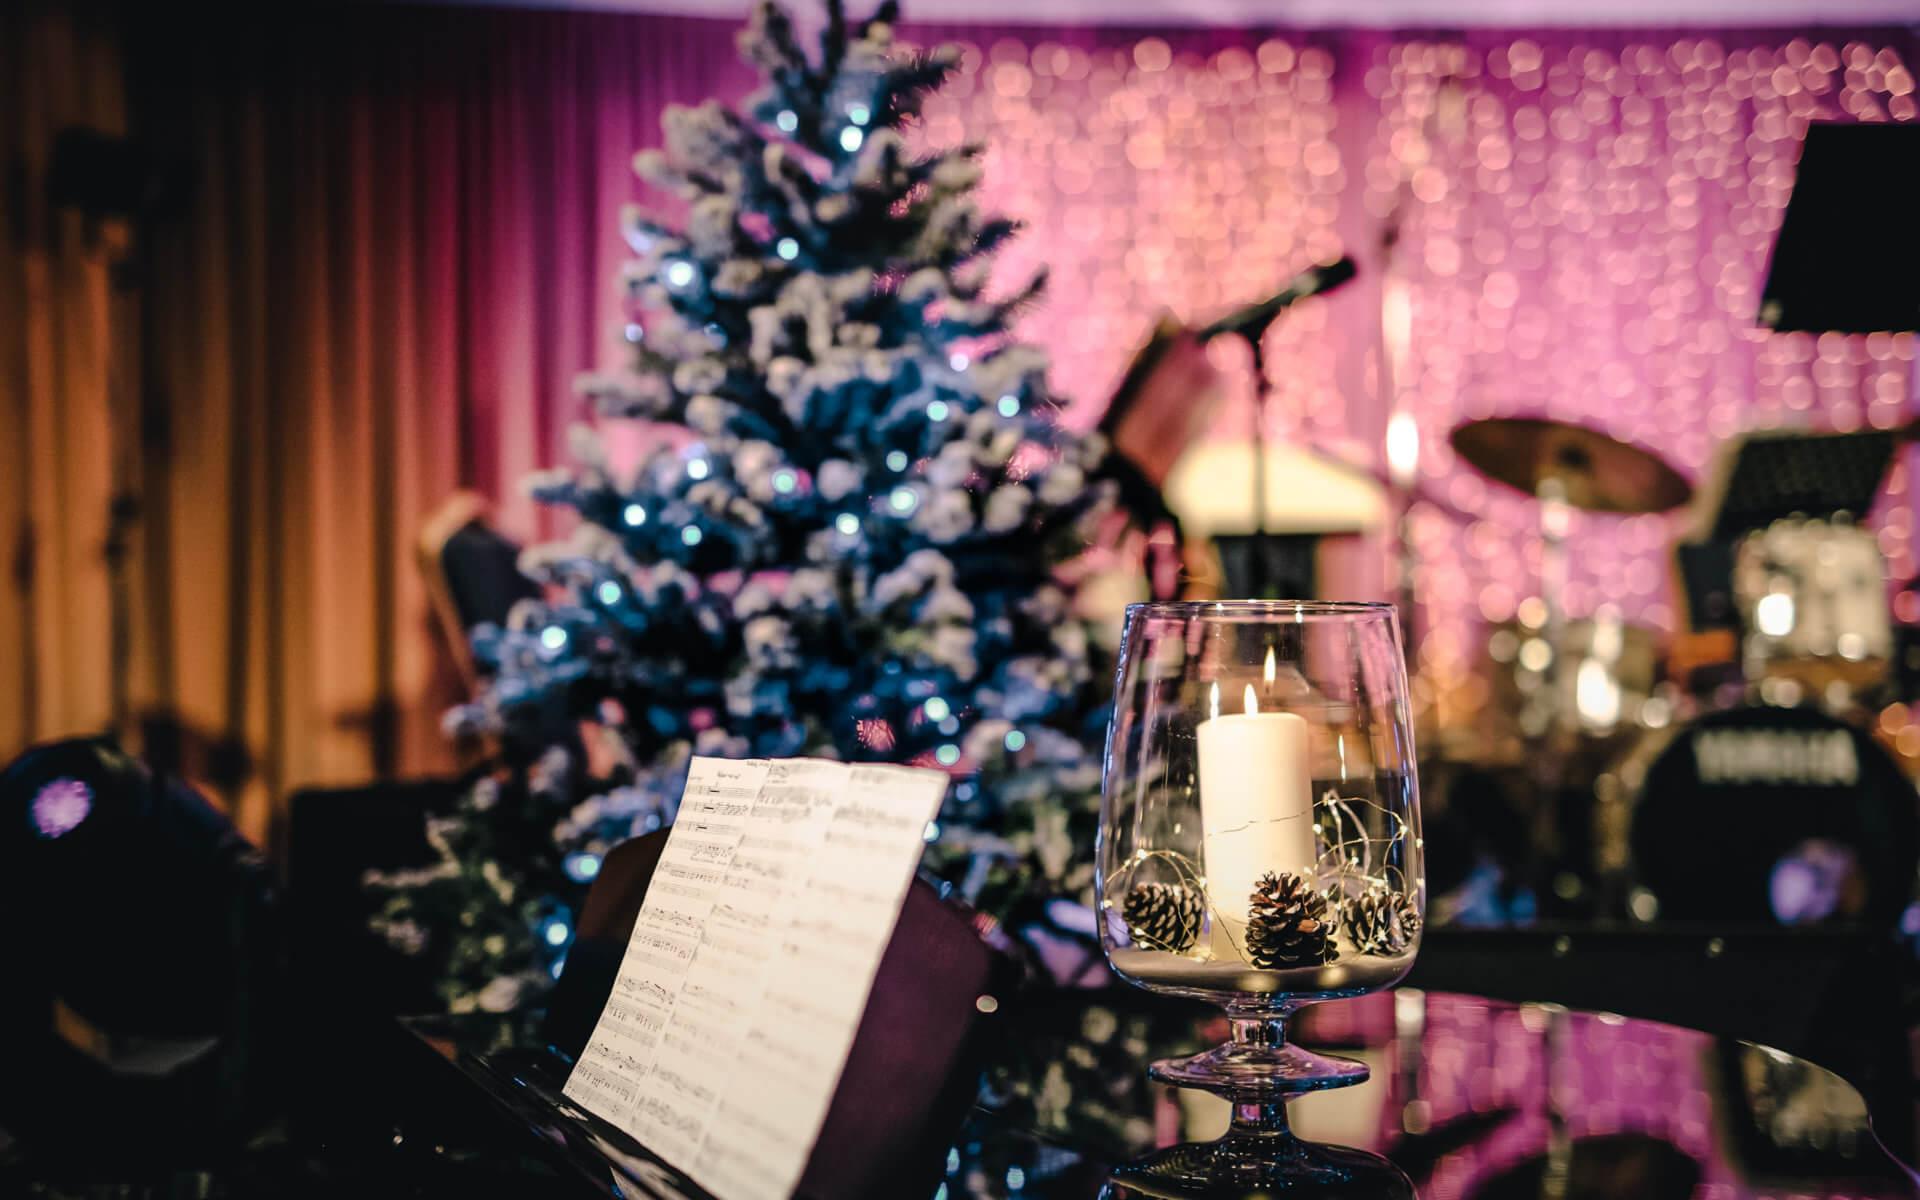 Event, podujatie v resorte Kaskady - vianočná výzdoba